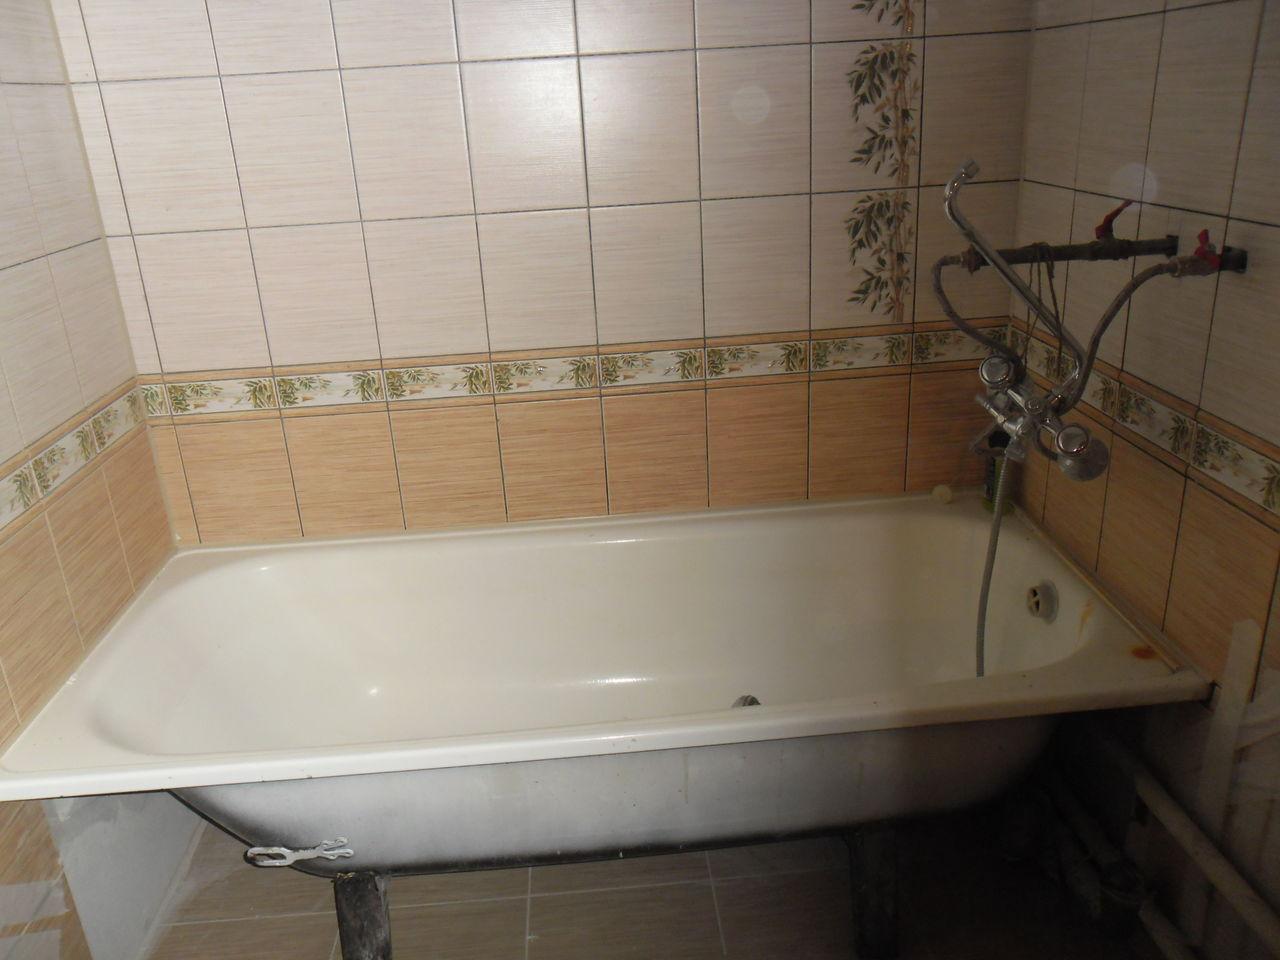 Ремонт ванной комнаты за 4500 руб/м2 в Подольске Московской области